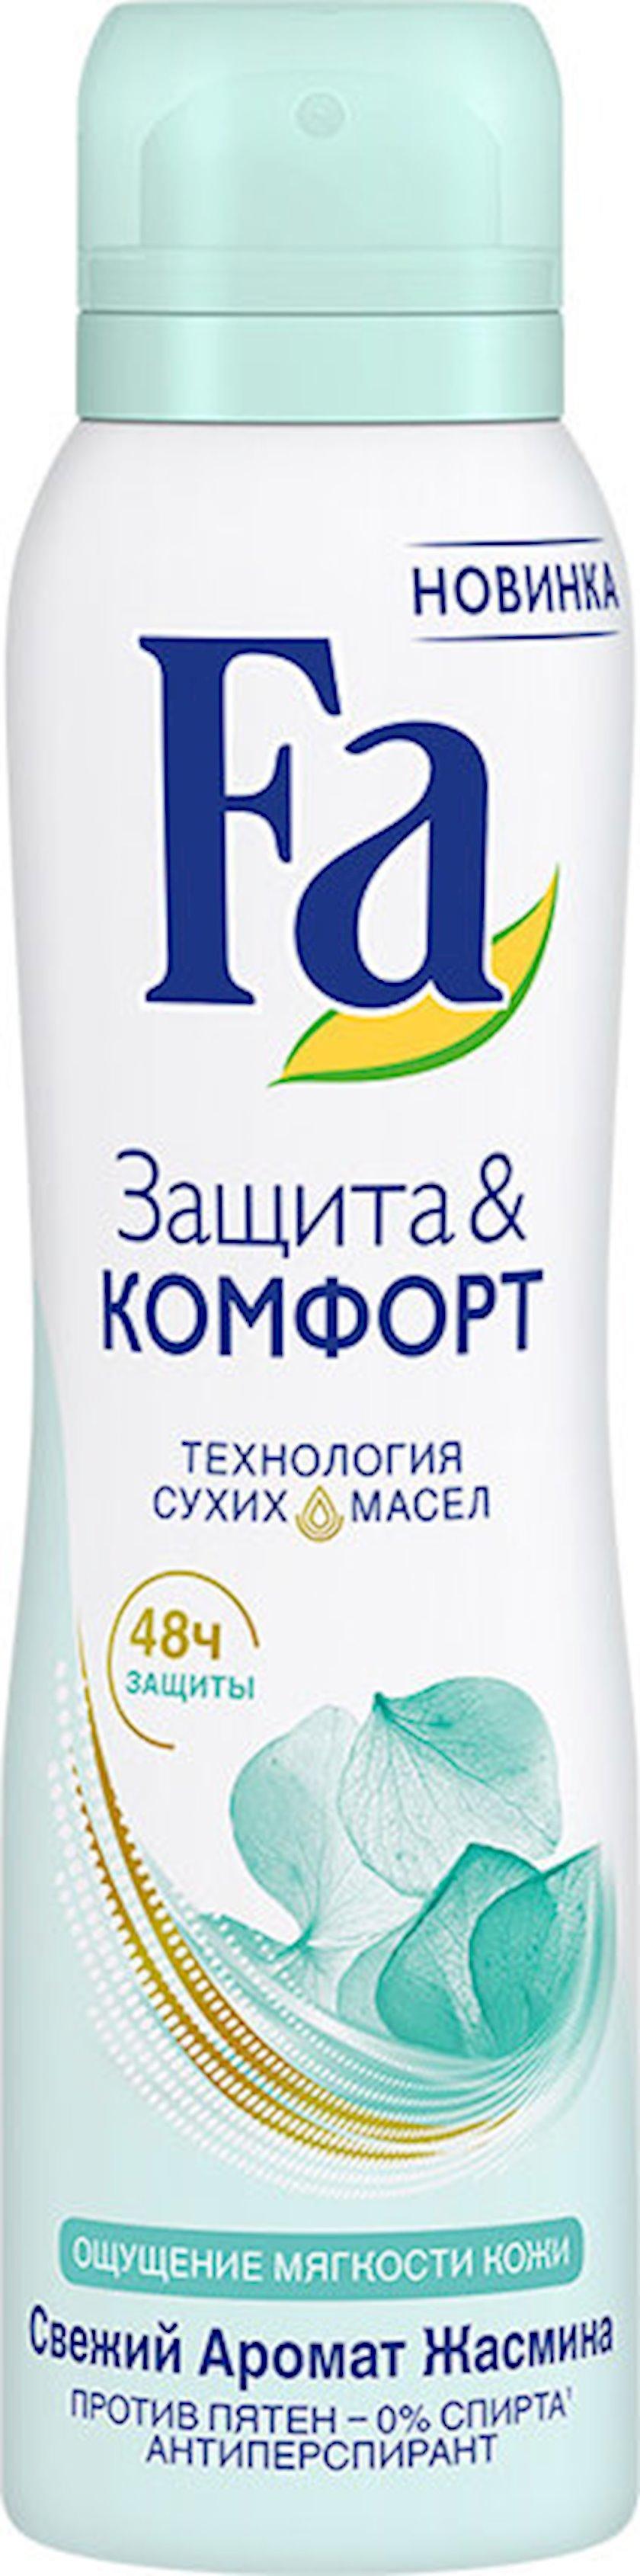 Dezodorant-antiperspirant Fa Müdafiə və Rahatlıq jasmin 150 ml